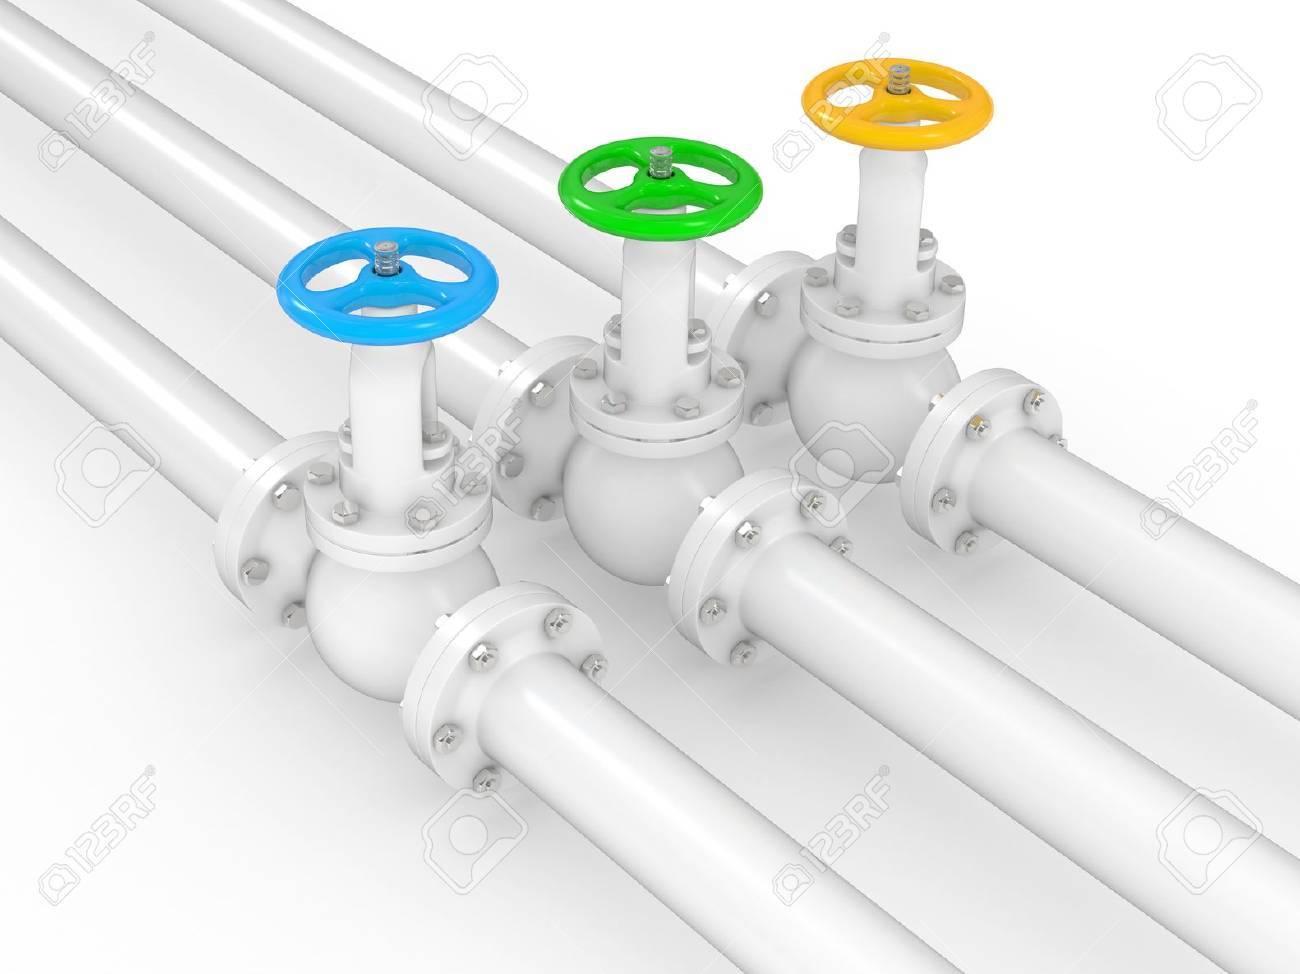 Armaturen industrie  Industrie-Armaturen Von Pipelines, 3D Abbildung Auf Weißem ...